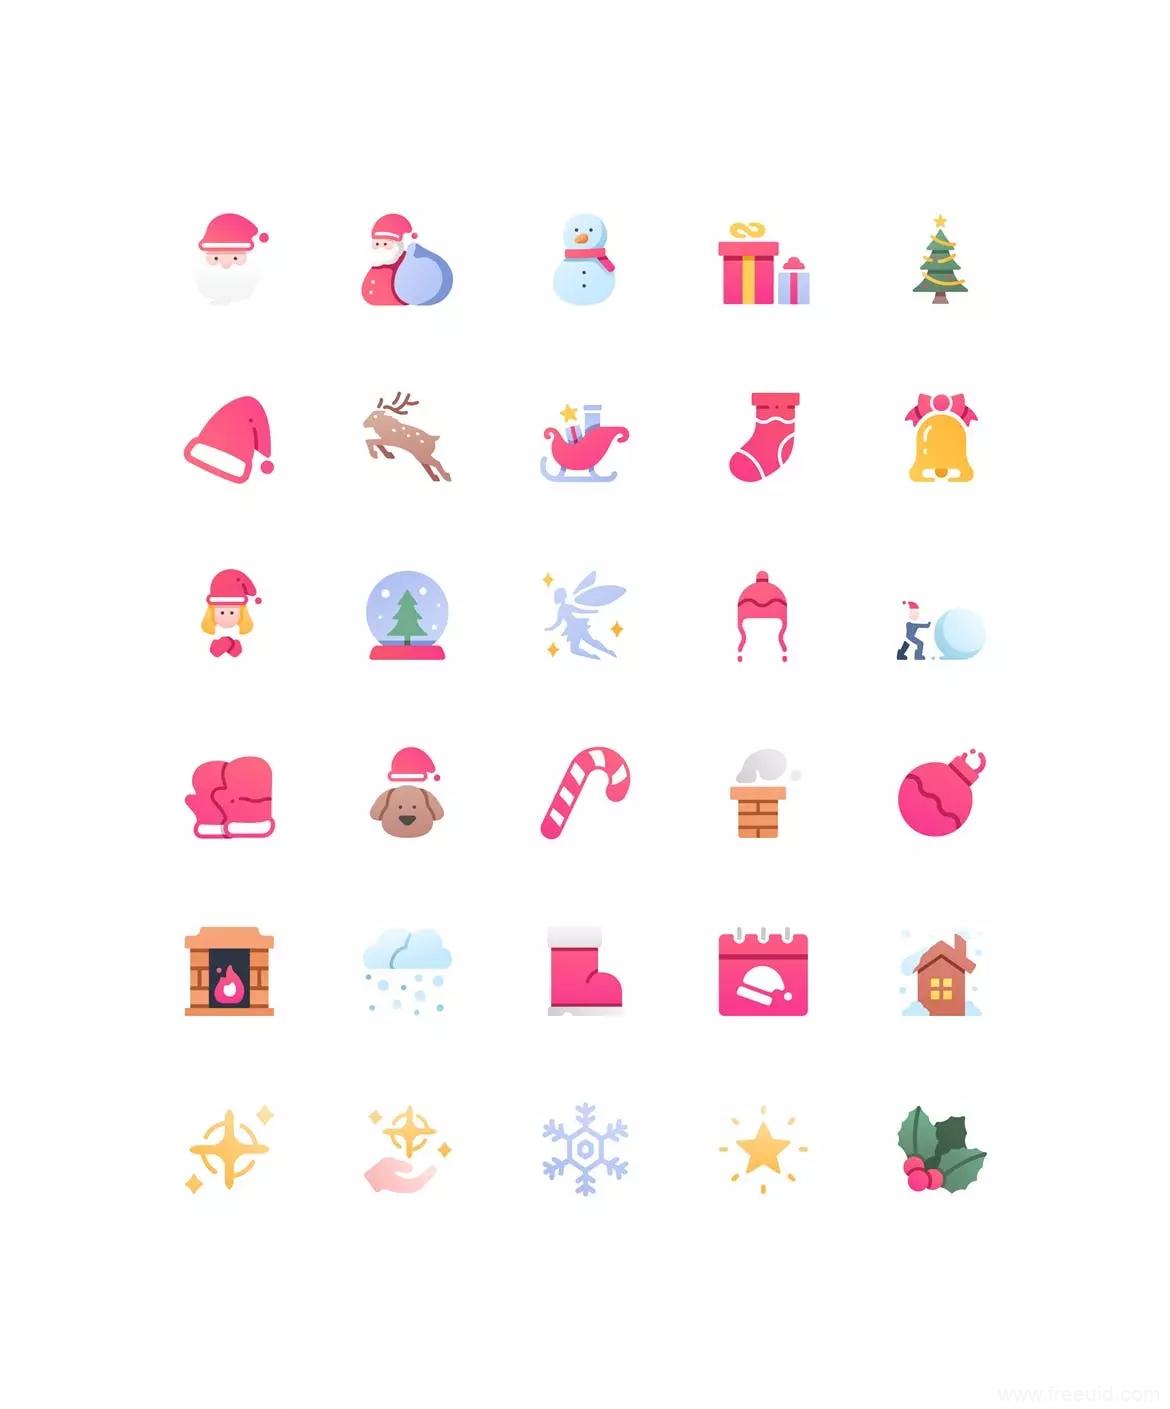 30枚圣诞节风格小图标ai源文件,圣诞icon UI图标ai源文件下载